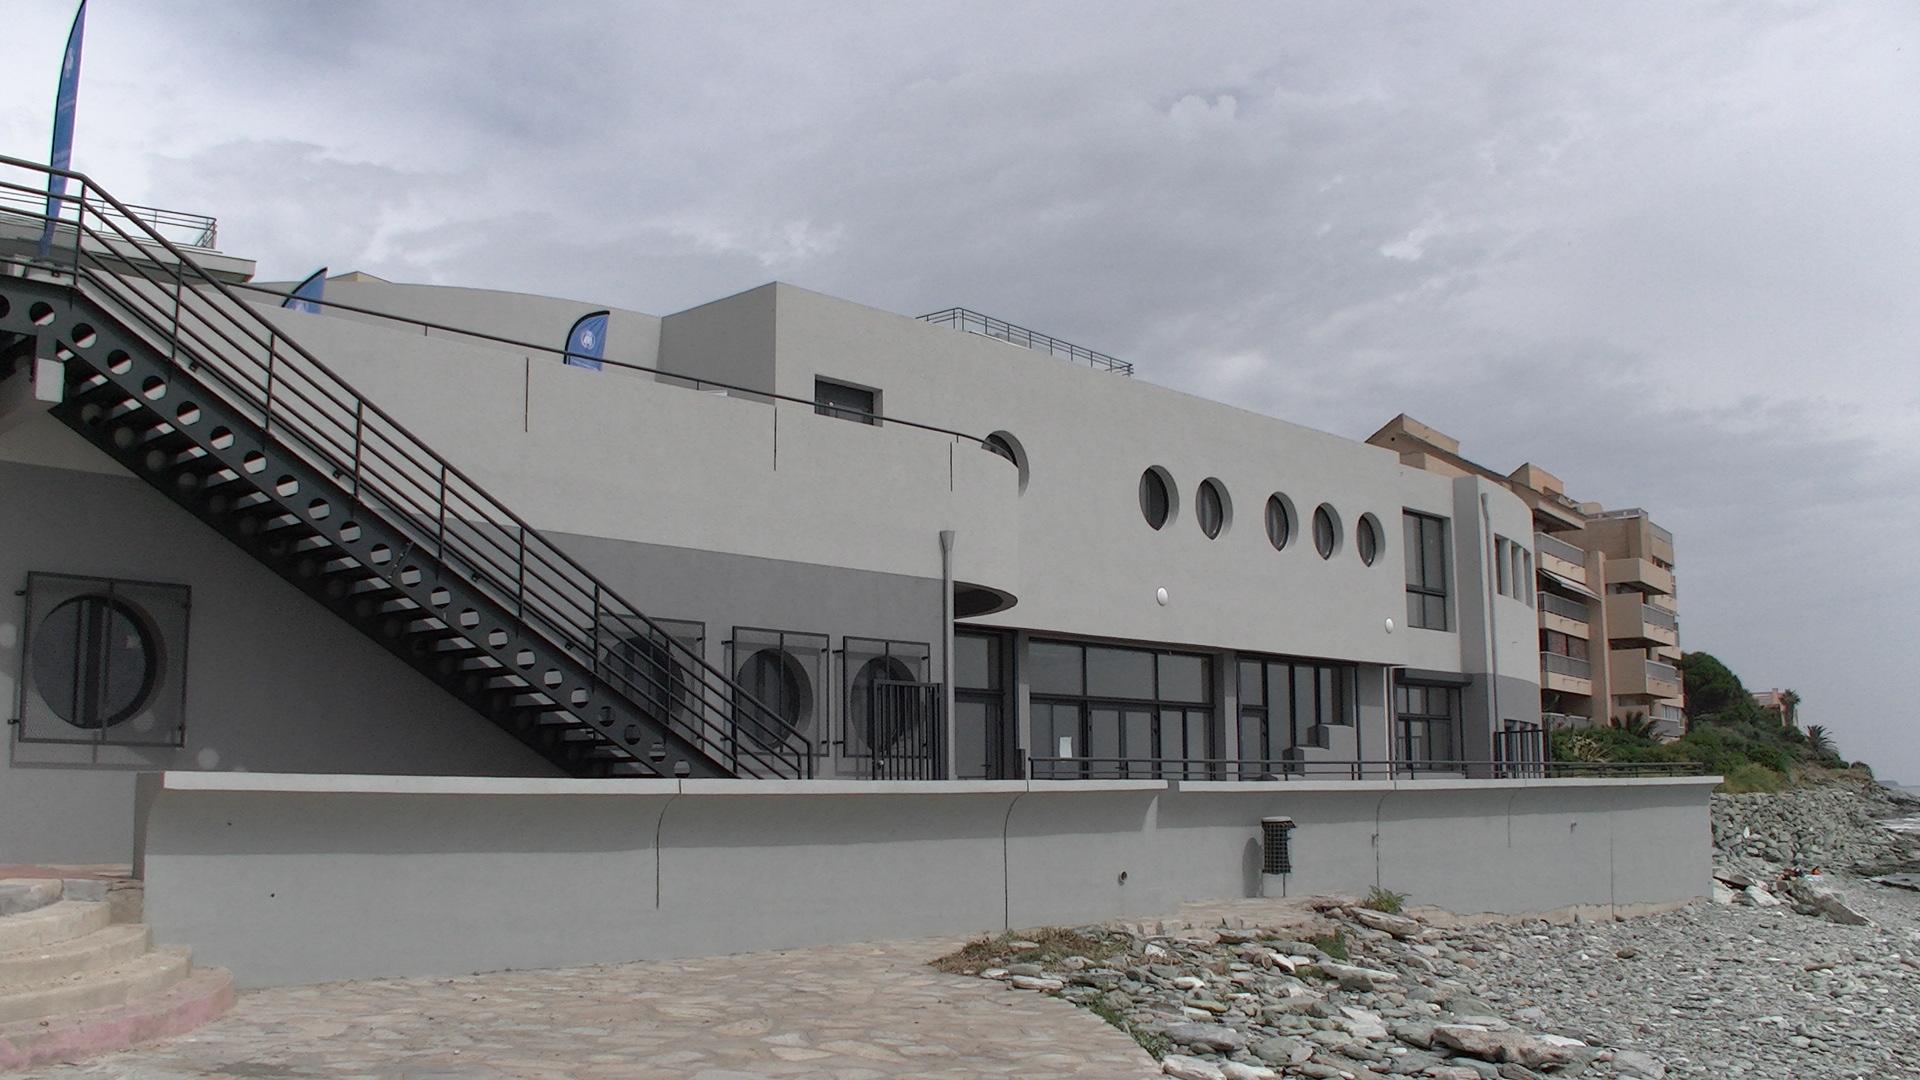 La base nautique d'I Minelli à Ville di Pietrabugno rénovée, restaurée par la CAB